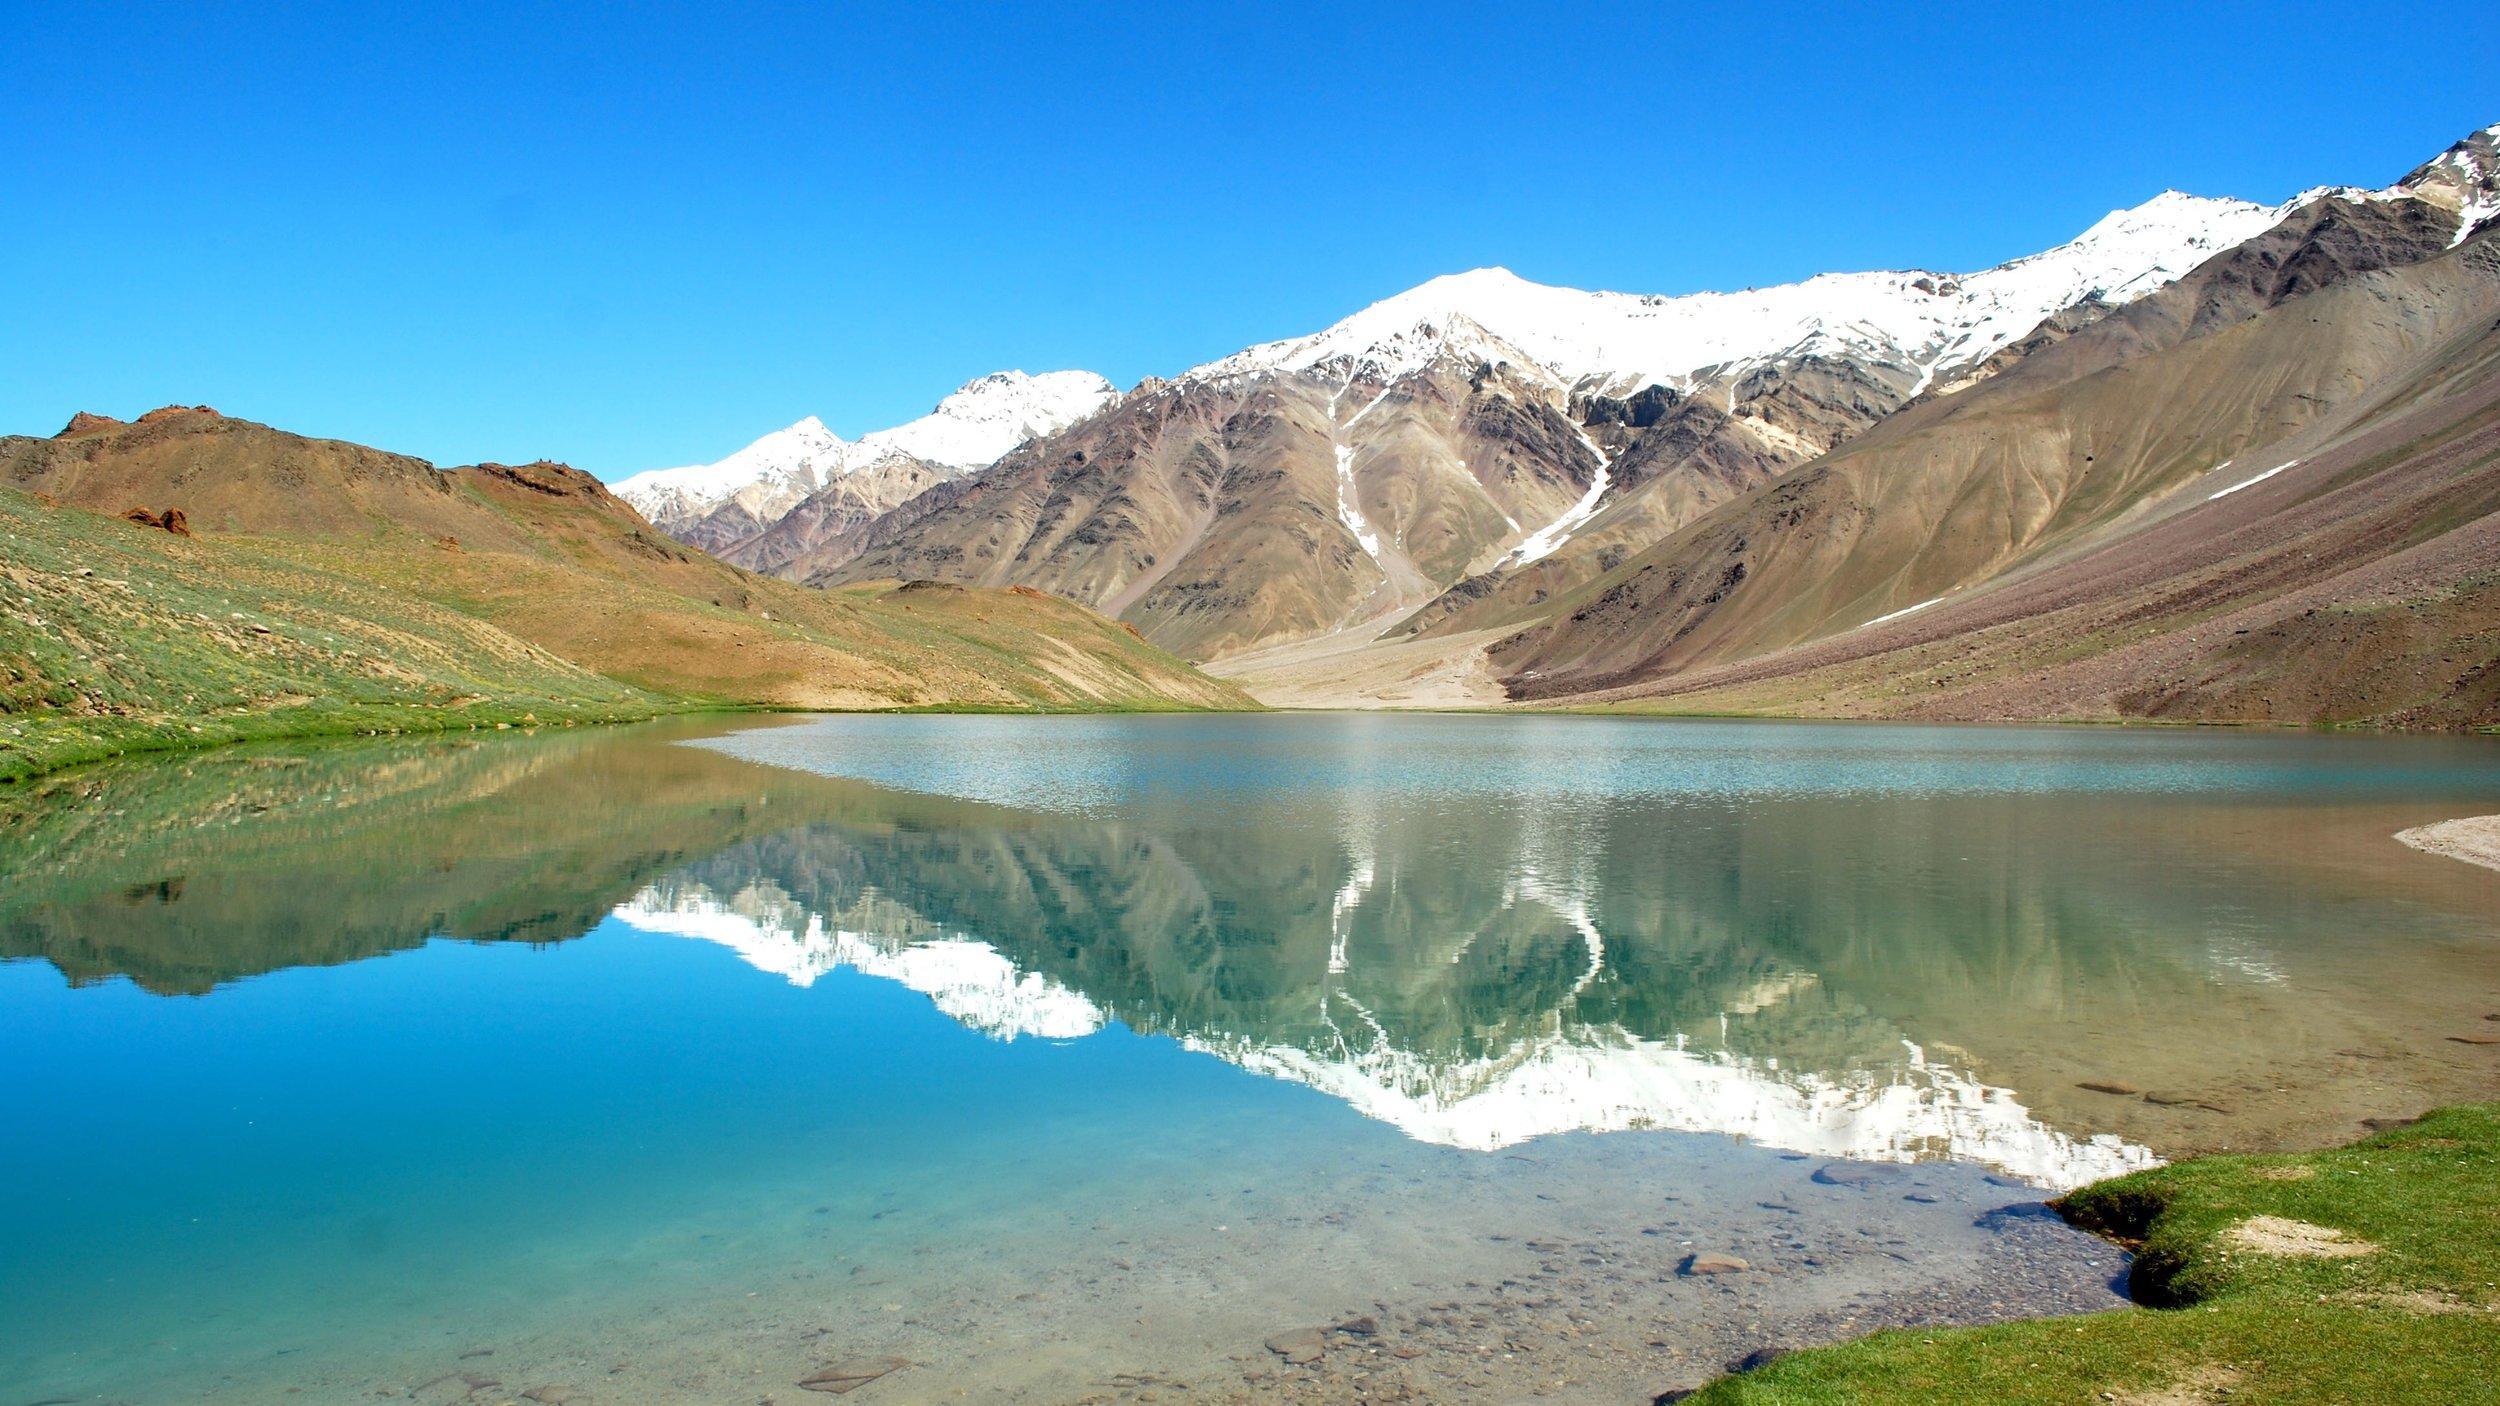 India-Spiti-Chandra-Taal-Lake.jpg